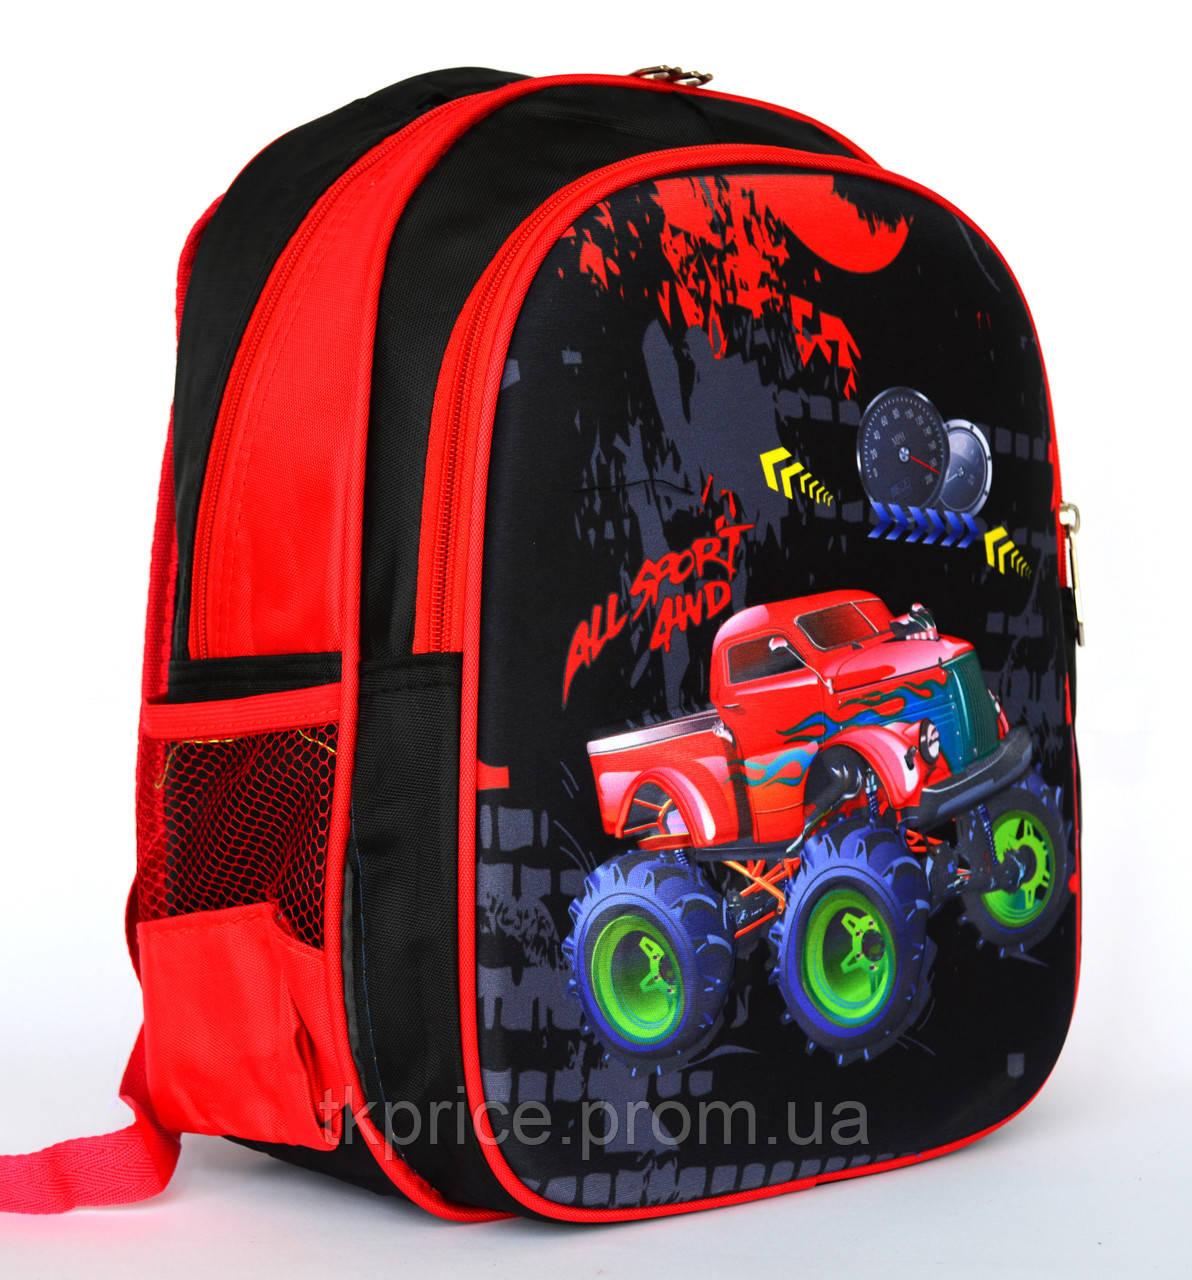 83e5aeedb308 Школьный рюкзак с ортопедической спинкой и с 3Д рисунком - Интернет-магазин